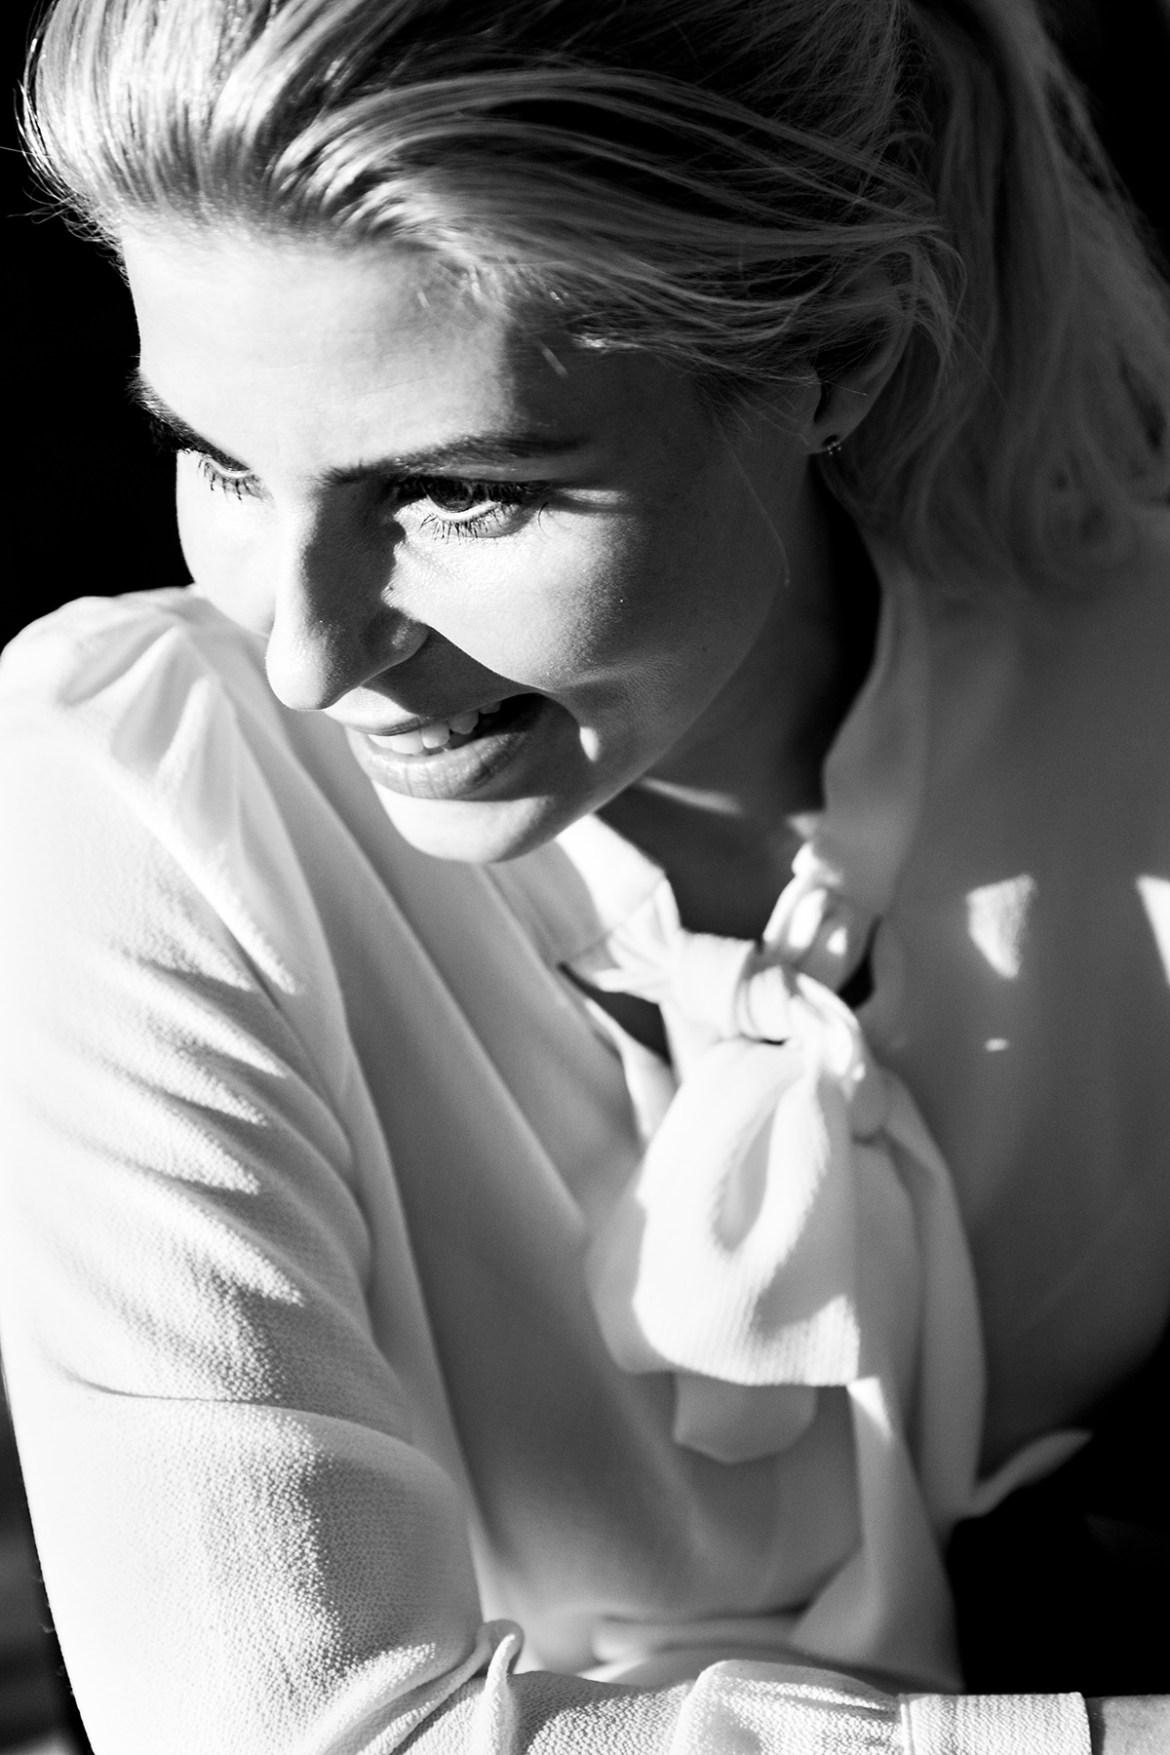 Skuespiller Cecilie Steenspil, badehotellet, Cecilie Maria Stenspil, badehotellet,